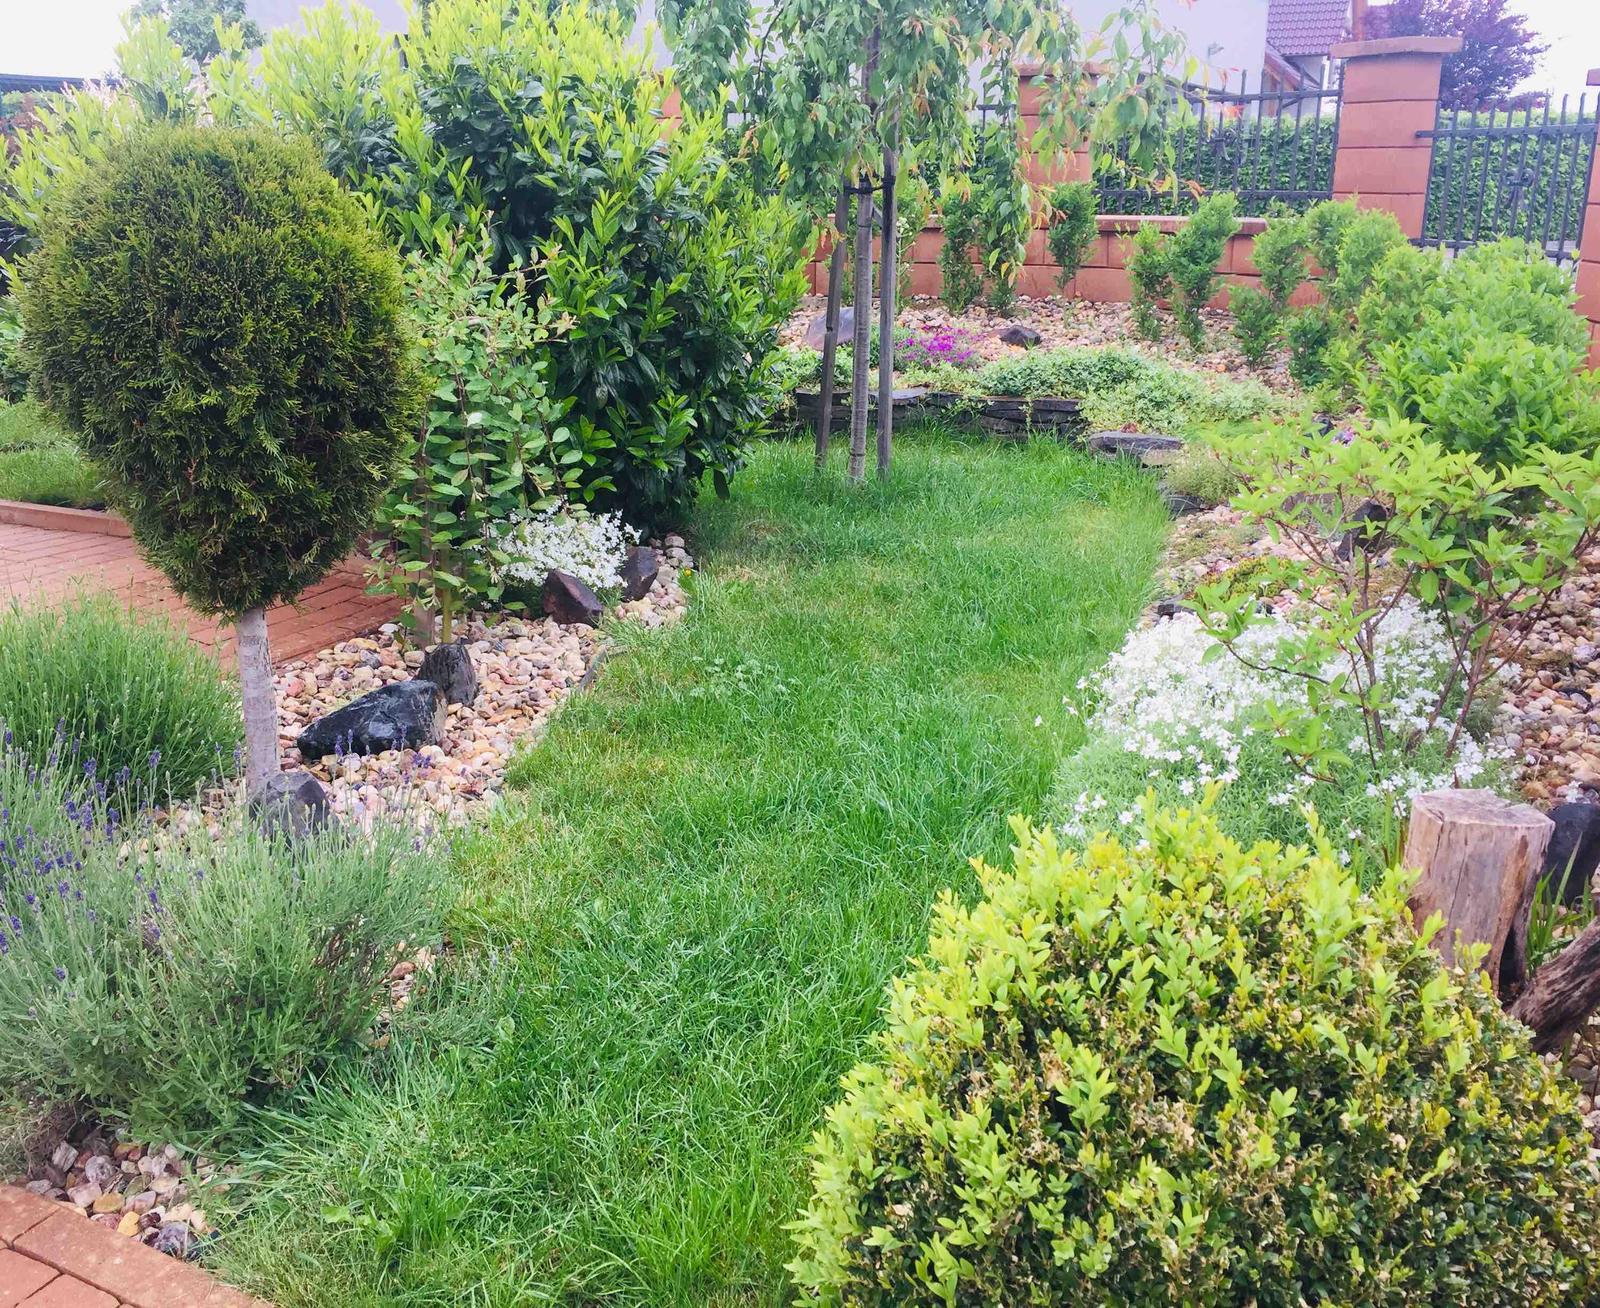 Naše barevná zahrada 🌸 - Za chvilku už začnou kvést i levandule